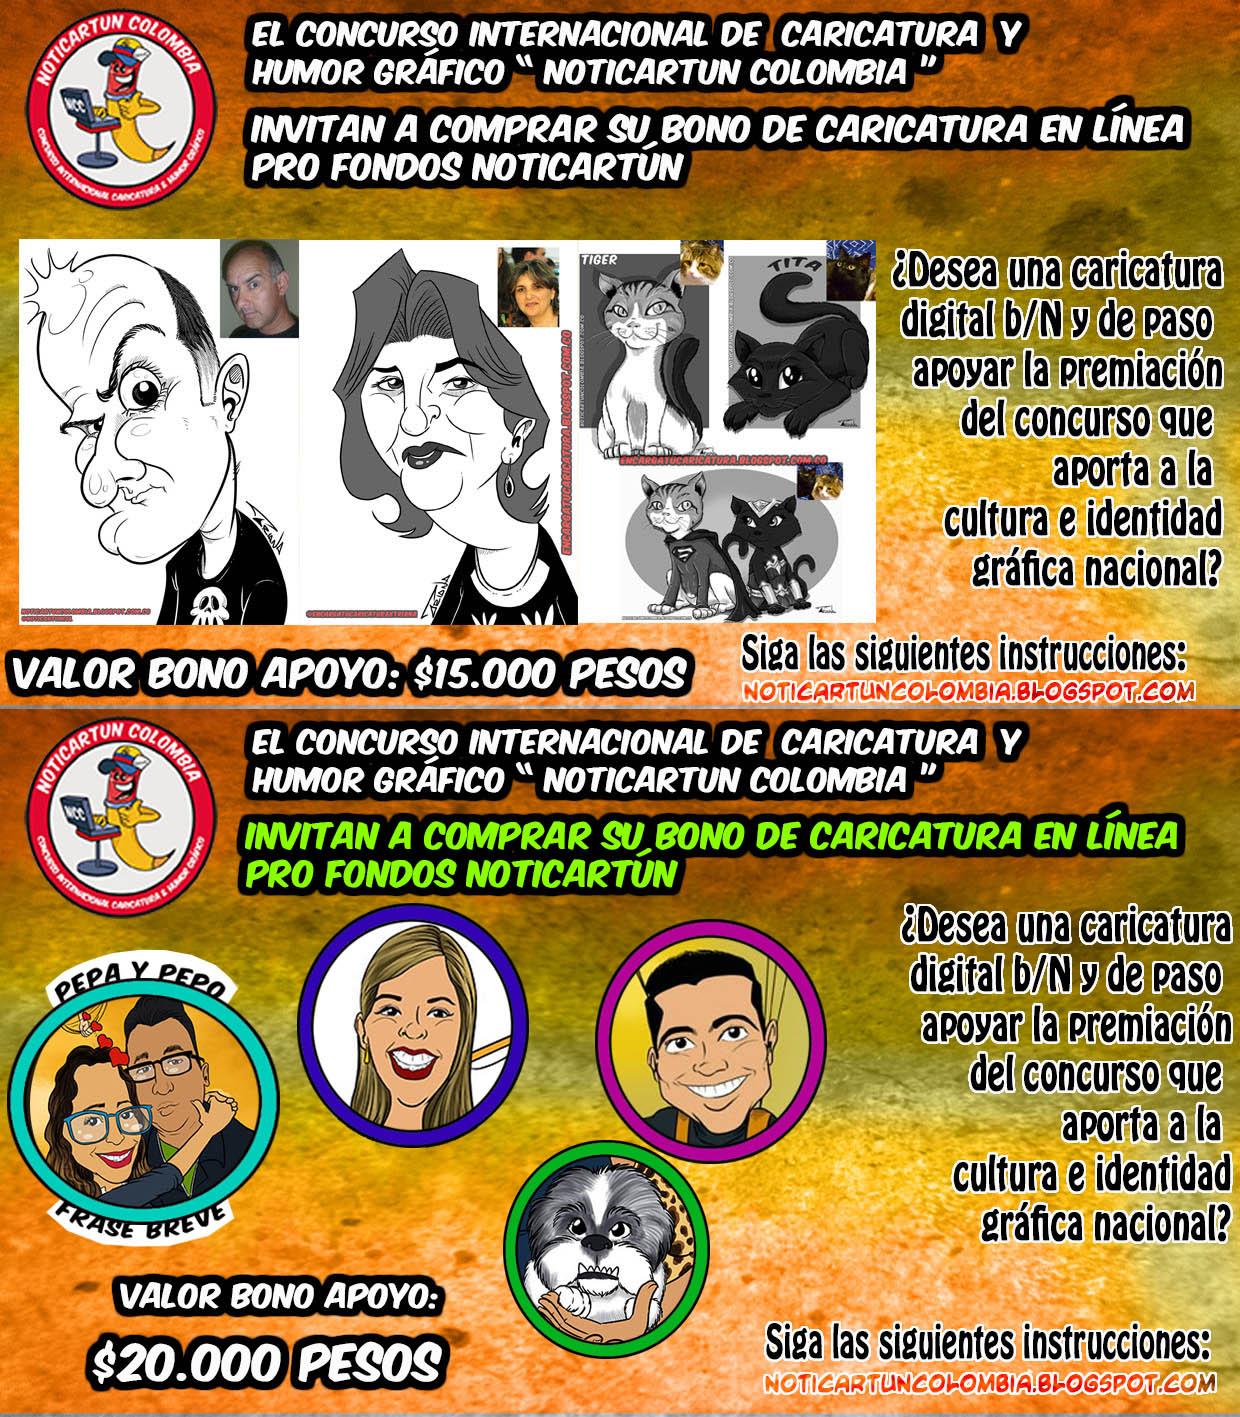 EN RECESOjornada de caricatura en línea pro fondos Noticias de Cartoon Colombia 2019